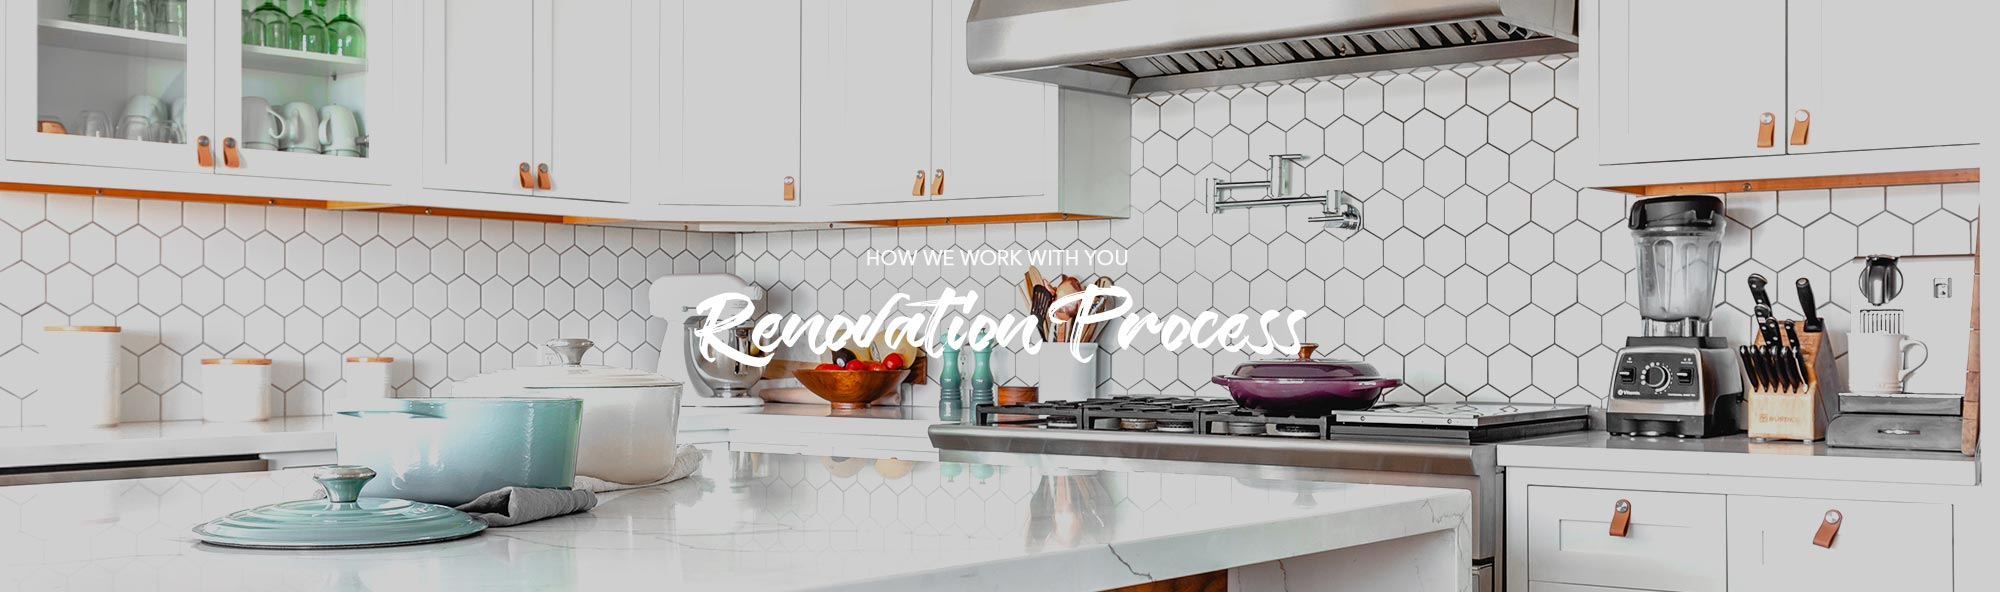 house-renovation-process, Kitchen Renovation, Bathroom Renovation, House Renovation Auckland